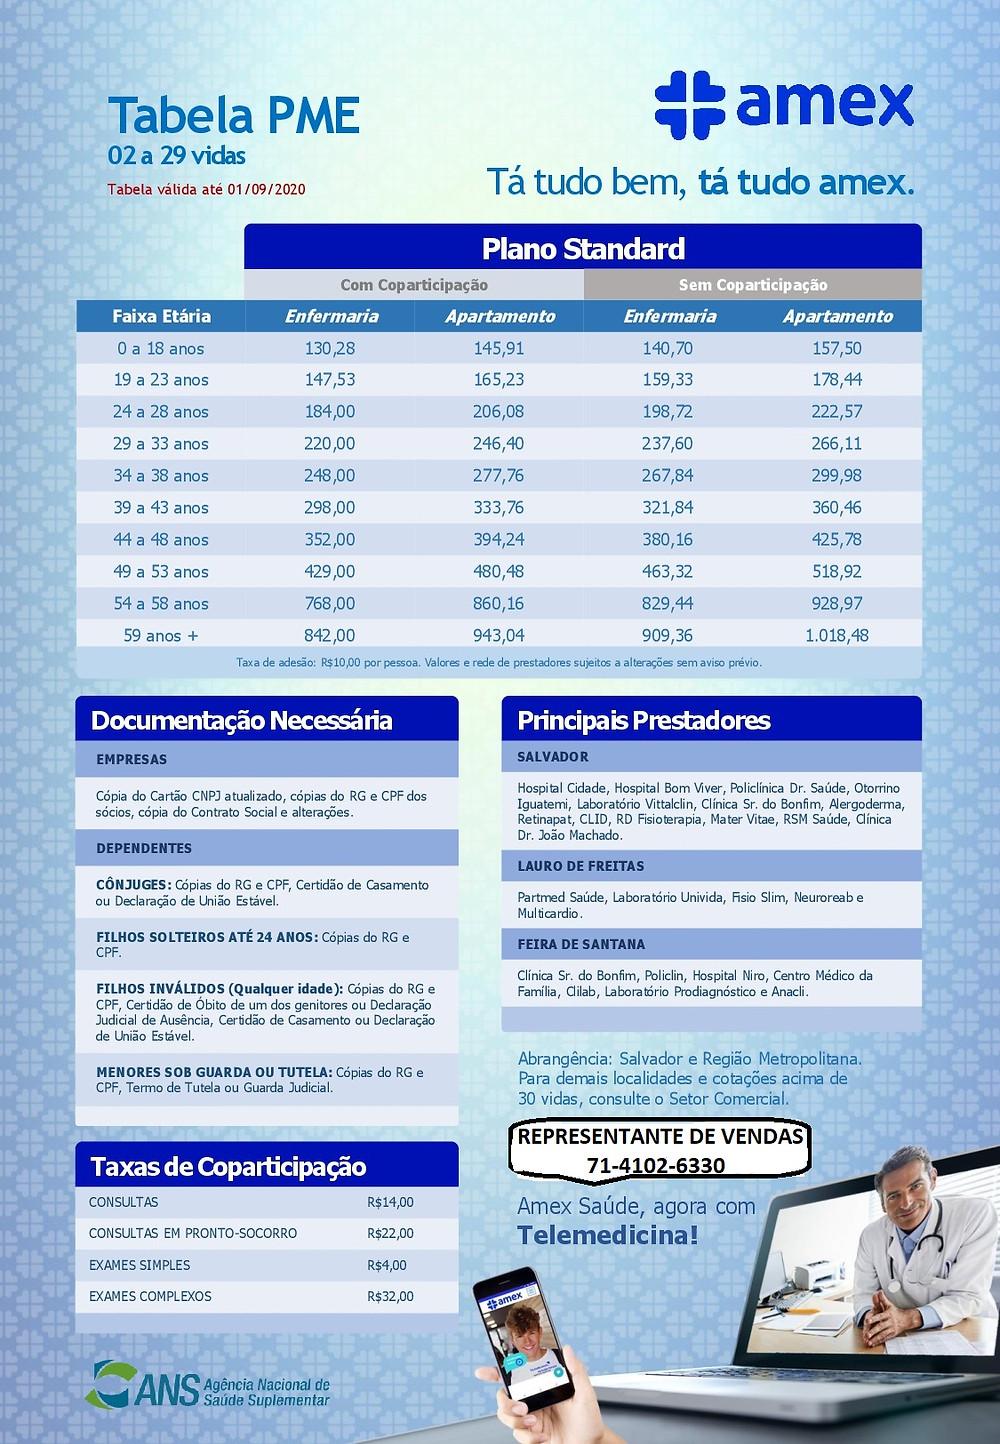 B.A.R.A.T.O   Planos Empresariais em Camaçari   Salvador   Candeias